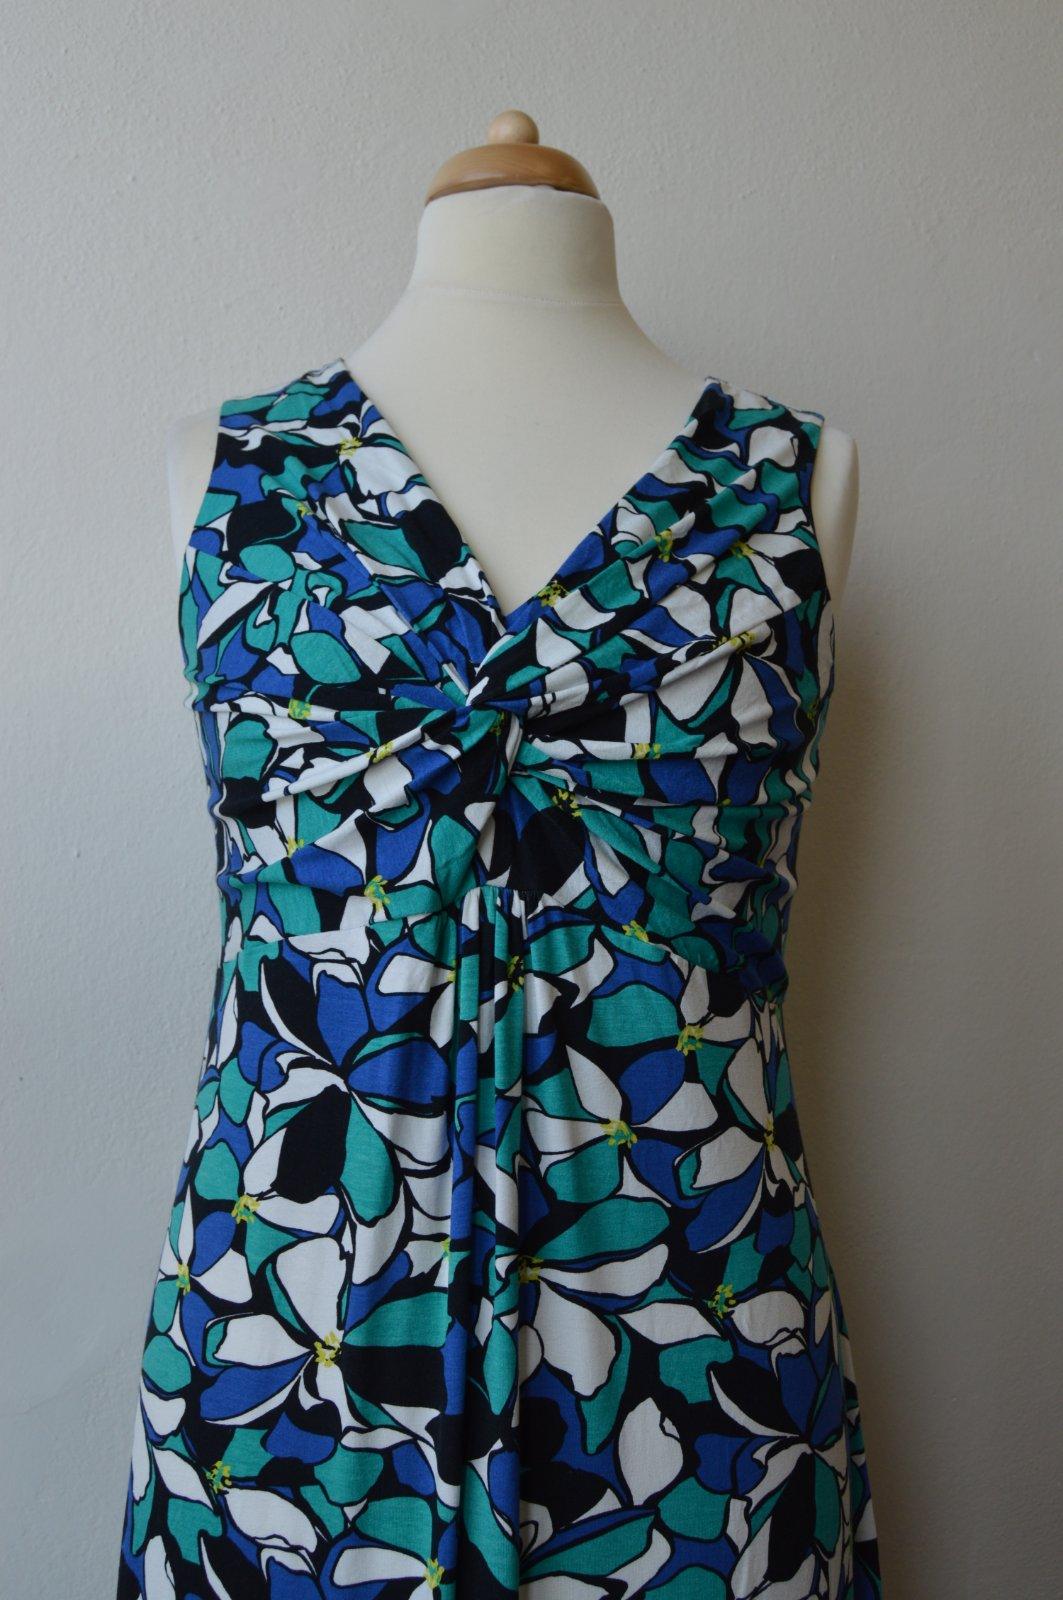 405 inzerátů • 182 hodnocení. Dámské vzorované letní šaty david emanuel 69bbfe33e7